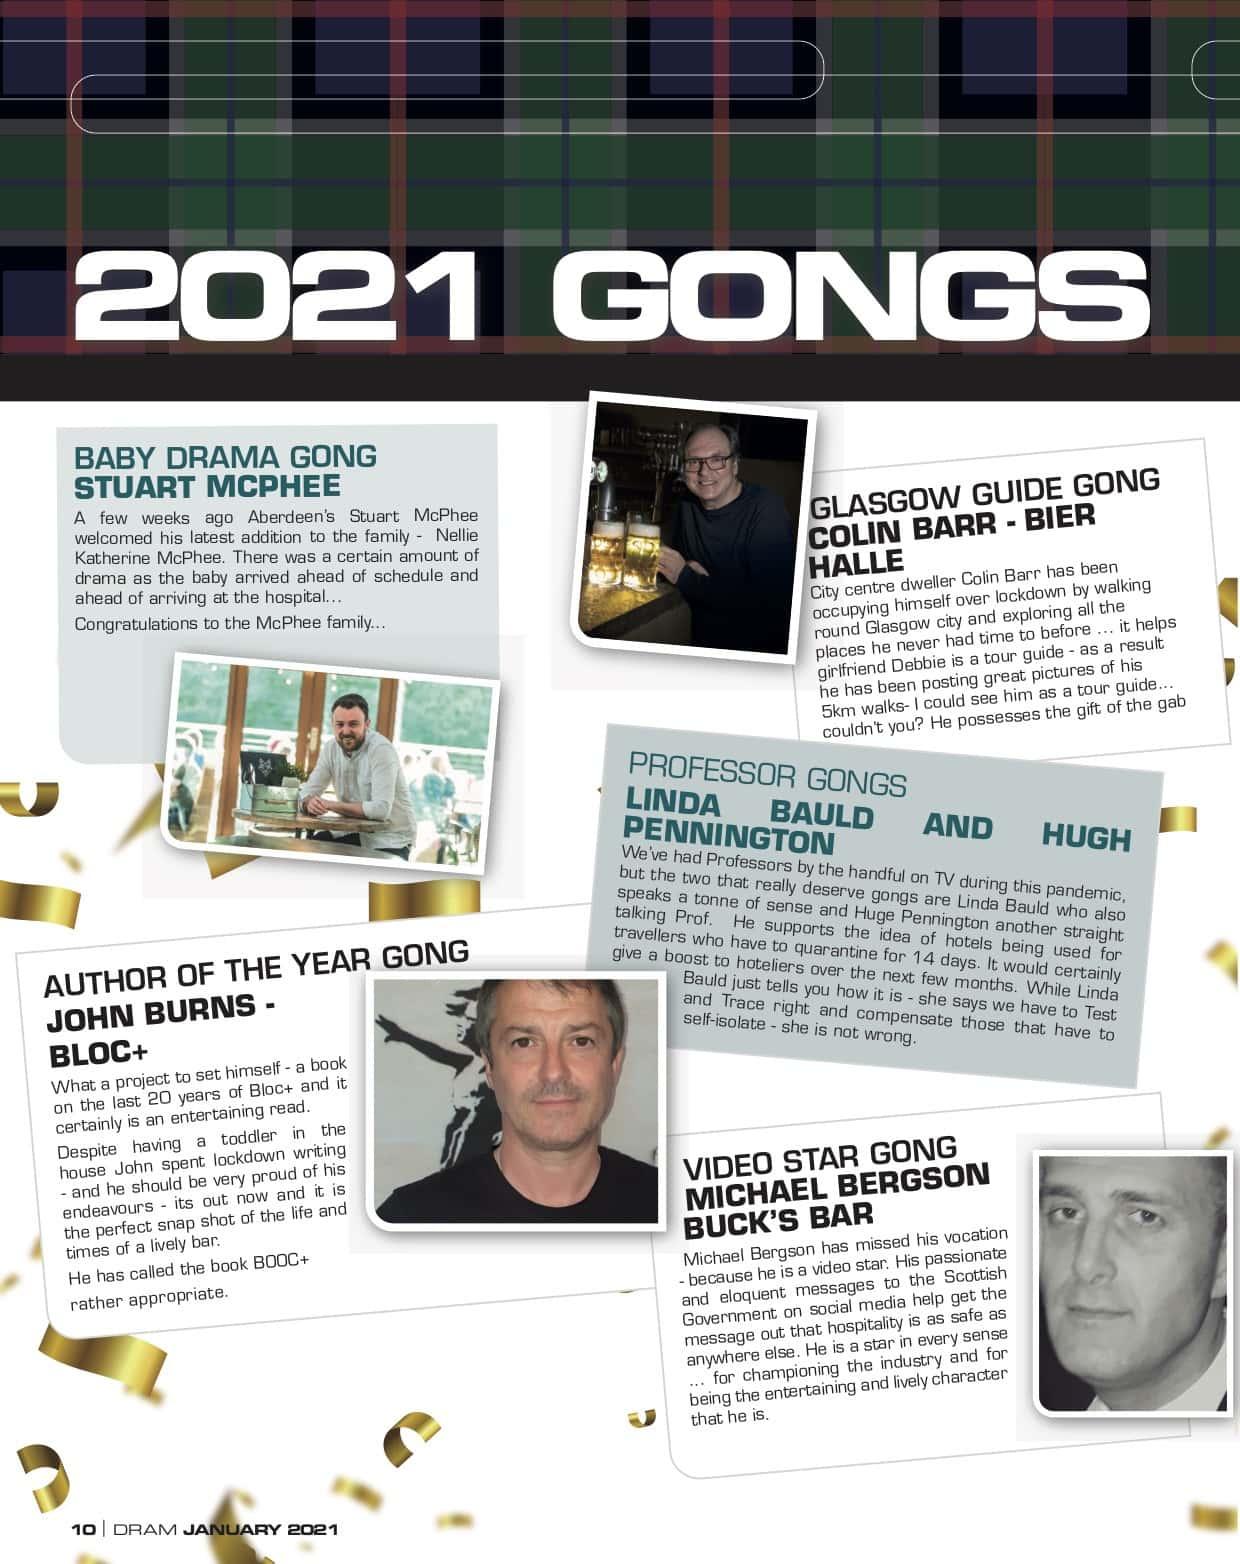 gongs-2